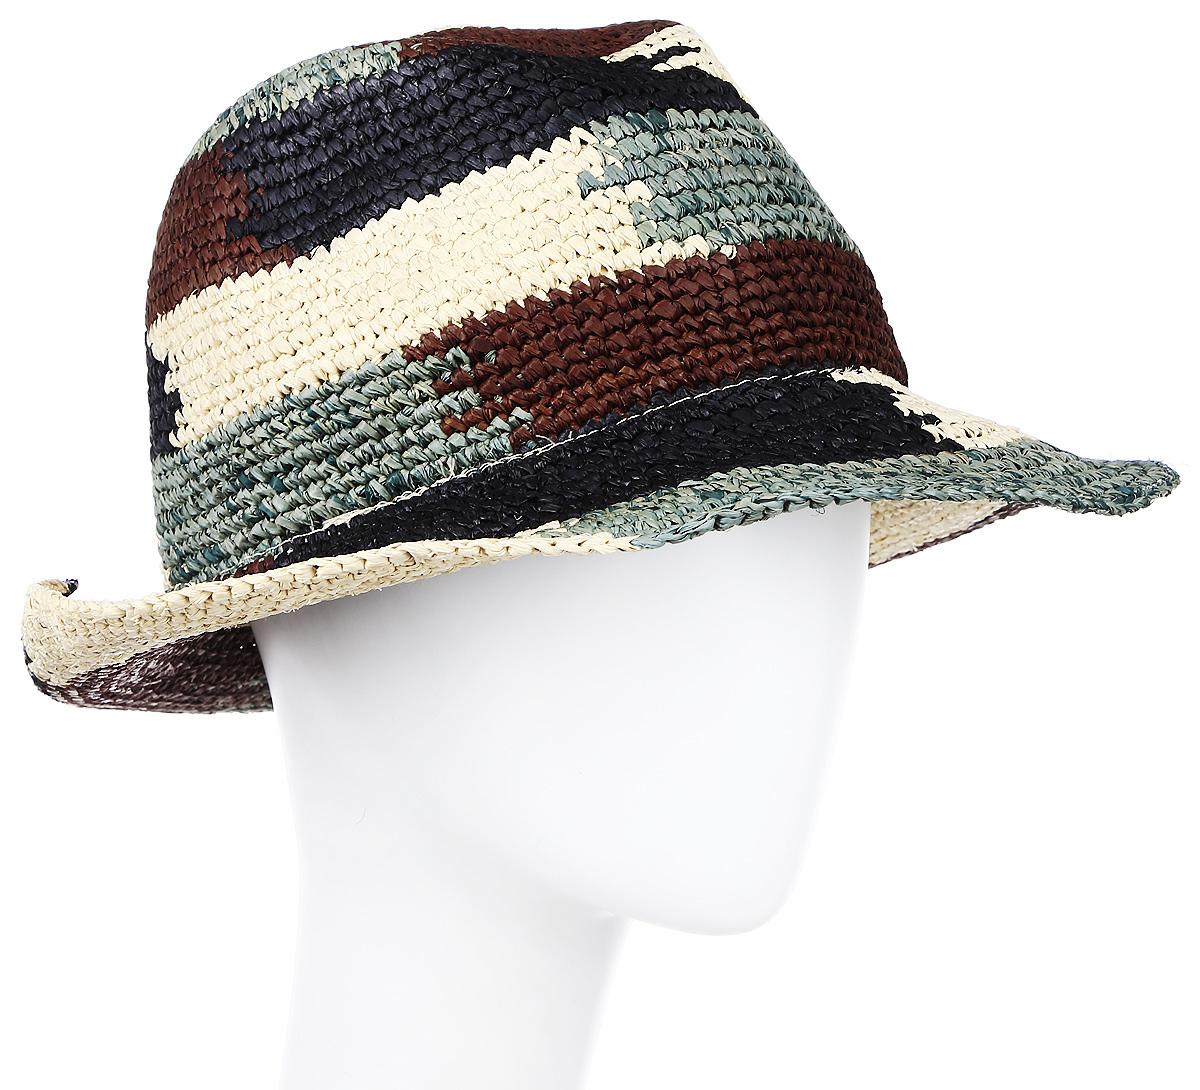 Шляпа женская Moltini, цвет: черный. 8B-1608. Размер 58 см х 30 см х 35 см8B-1608Стильная летняя шляпа Moltini, выполненная из 100% рафии, станет незаменимым аксессуаром для пляжа и отдыха на природе, и обеспечит надежную защиту головы от солнца. Плетение шляпы обеспечивает необходимую вентиляцию и комфорт даже в самый знойный день. Шляпа легко восстанавливает свою форму после сжатия.